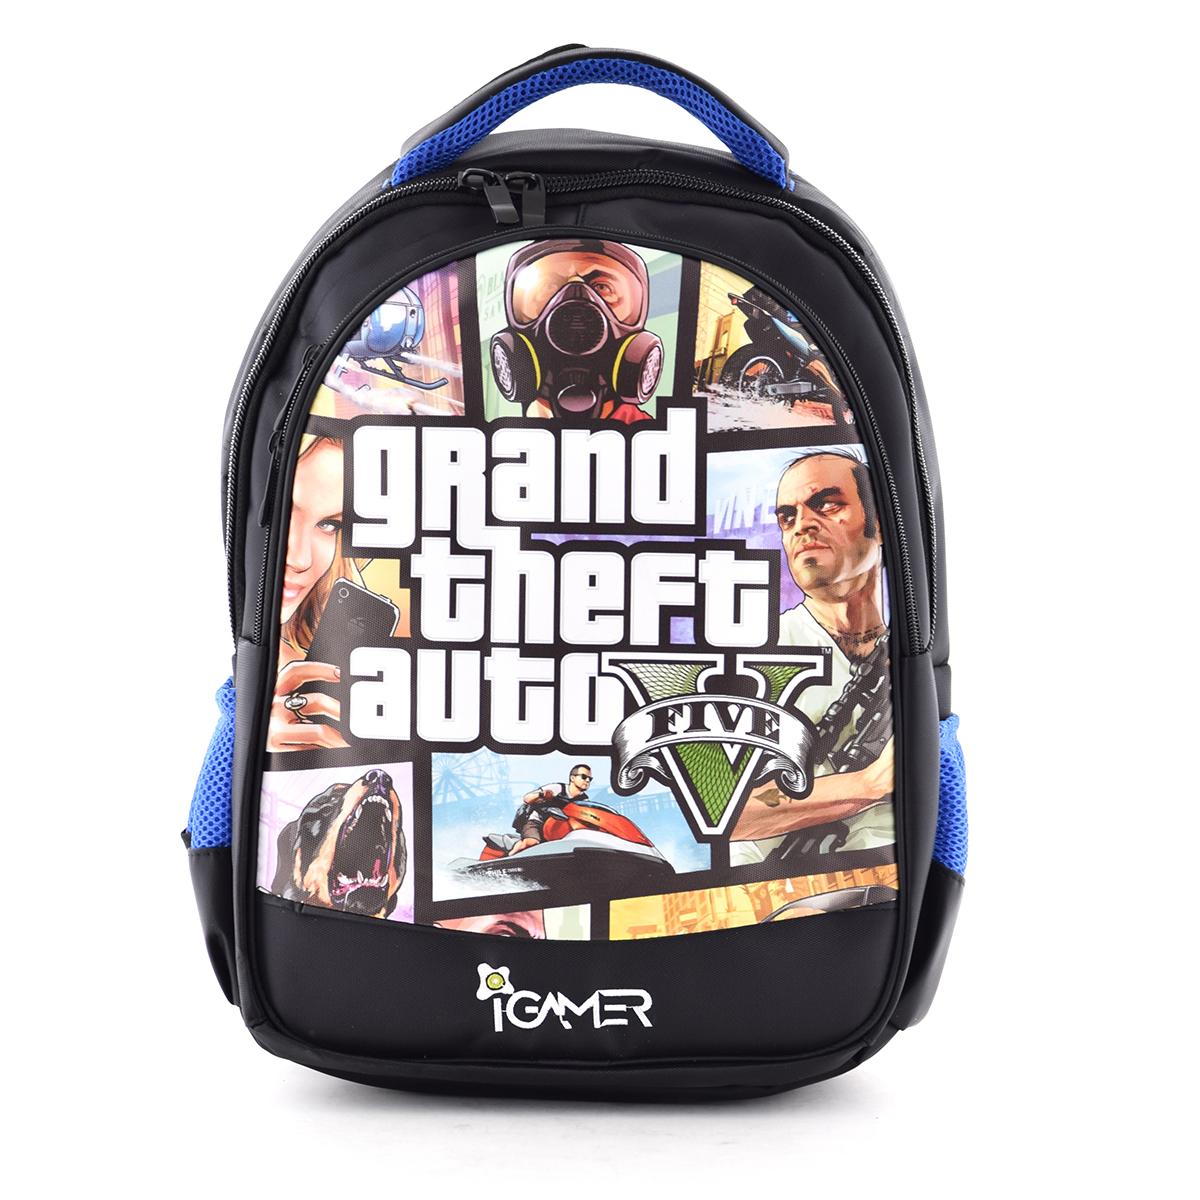 کوله پشتی آی گیمر طرح GTA مناسب برای کنسول بازی